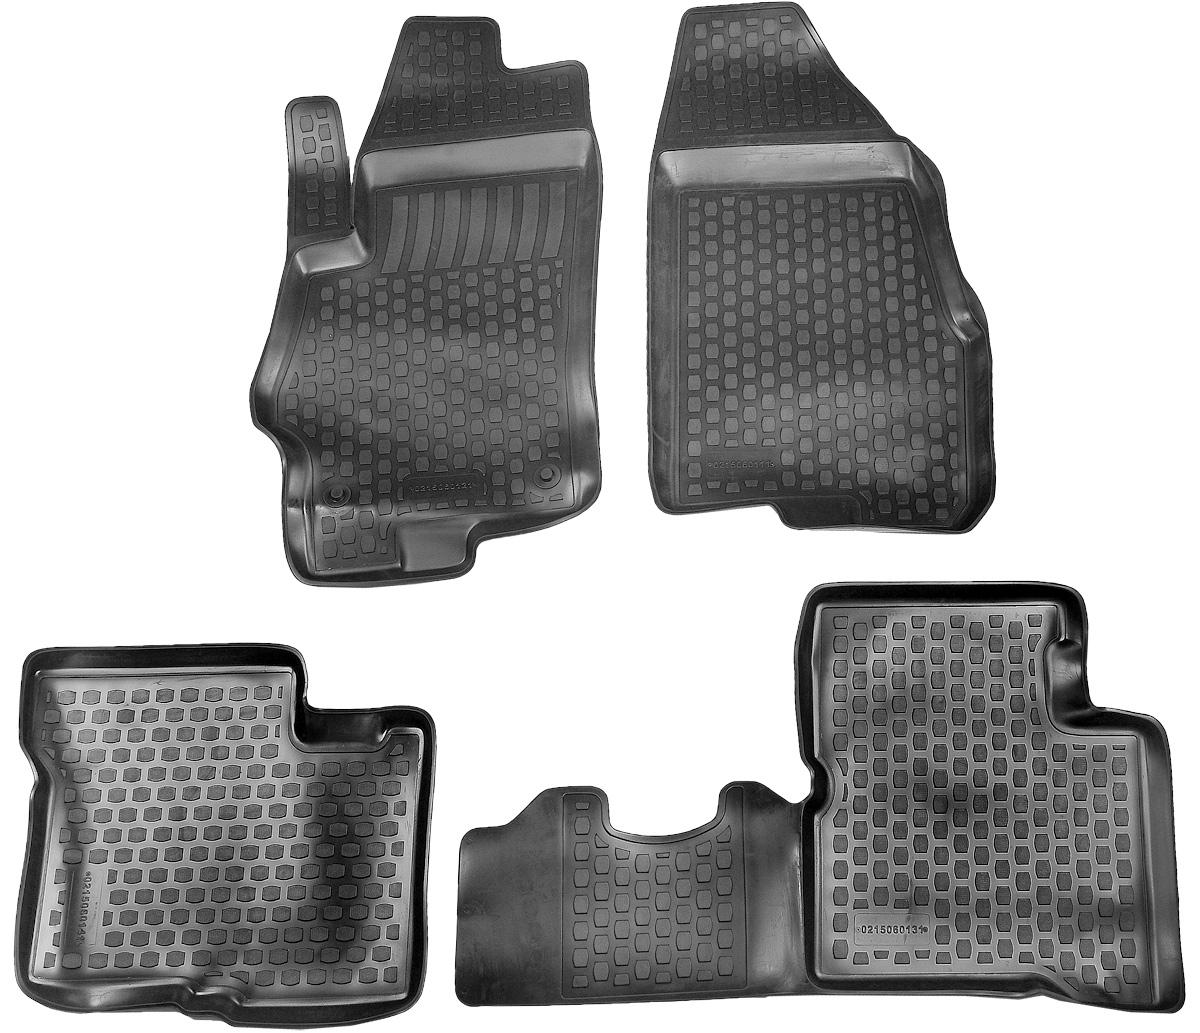 Коврик в салон автомобиля L.Locker, для SsangYong (13-), 4 штFS-80264Коврики L.Locker производятся индивидуально для каждой модели автомобиля из современного и экологически чистого материала. Изделия точно повторяют геометрию пола автомобиля, имеют высокий борт, обладают повышенной износоустойчивостью, антискользящими свойствами, лишены резкого запаха и сохраняют свои потребительские свойства в широком диапазоне температур (от -50°С до +80°С). Рисунок ковриков специально спроектирован для уменьшения скольжения ног водителя и имеет достаточную глубину, препятствующую свободному перемещению жидкости и грязи на поверхности. Одновременно с этим рисунок не создает дискомфорта при вождении автомобиля. Водительский ковер с предустановленными креплениями фиксируется на штатные места в полу салона автомобиля. Новая технология системы креплений герметична, не дает влаге и грязи проникать внутрь через крепеж на обшивку пола.